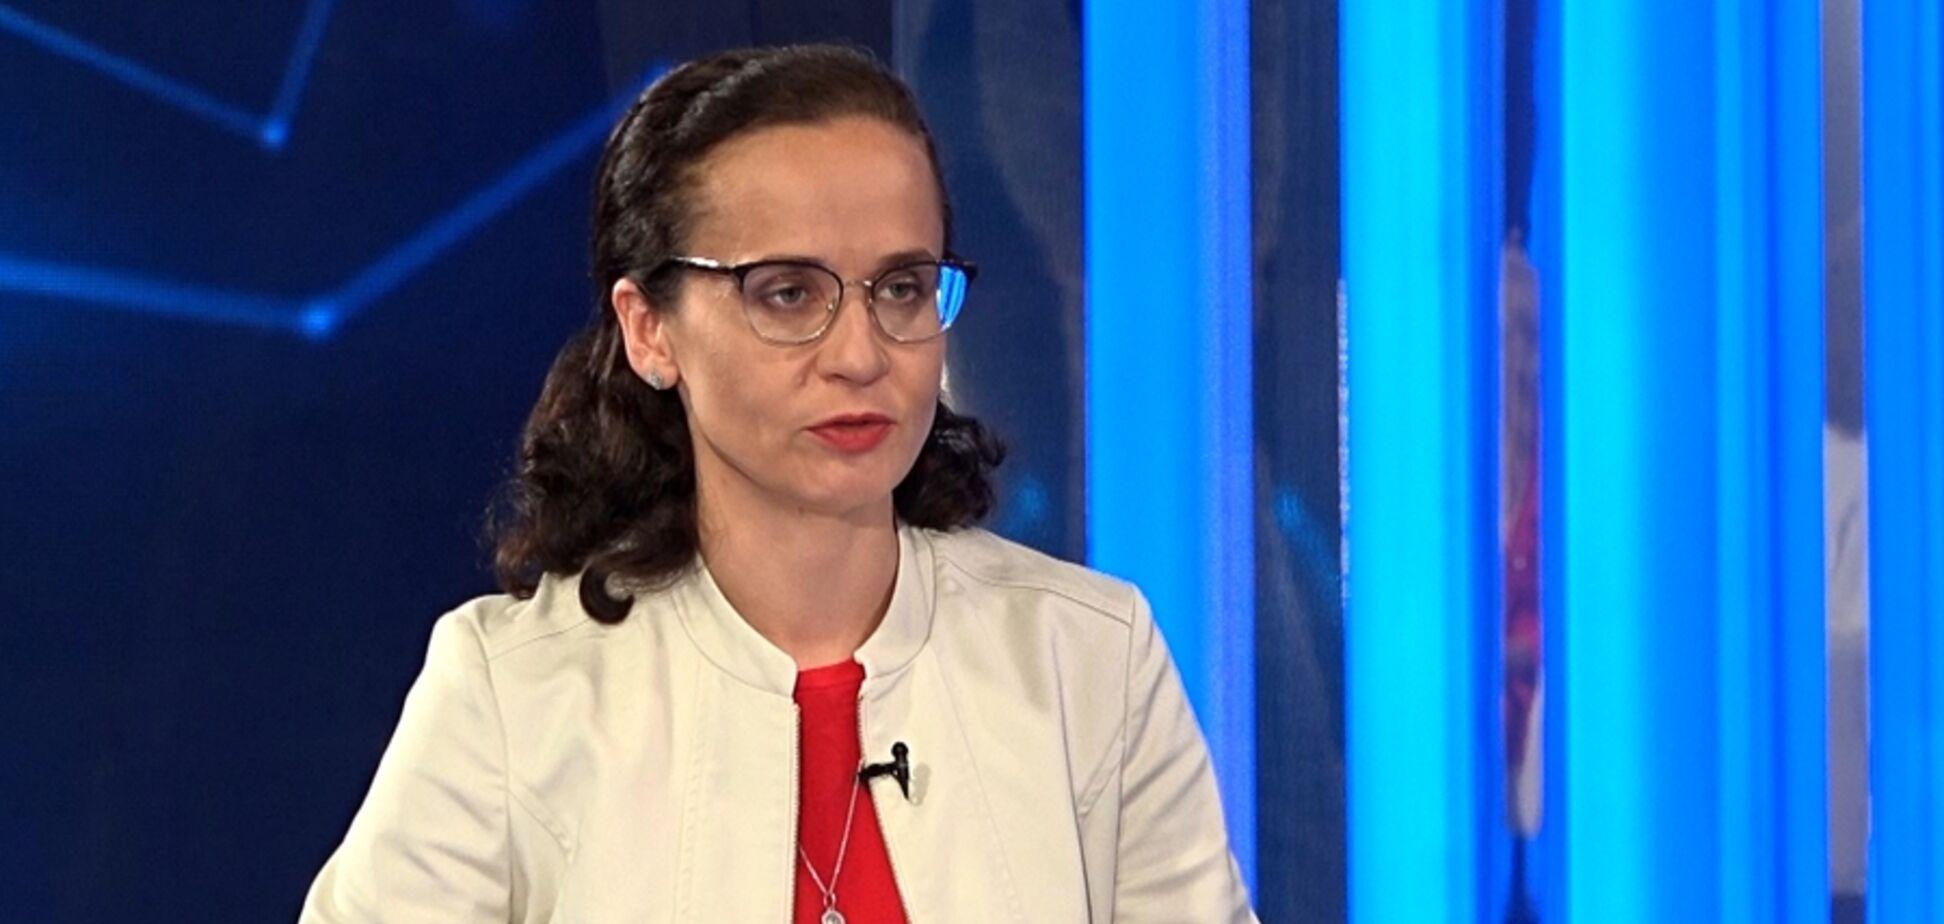 'Голос' в Раде: Клименко рассказала о планах партии